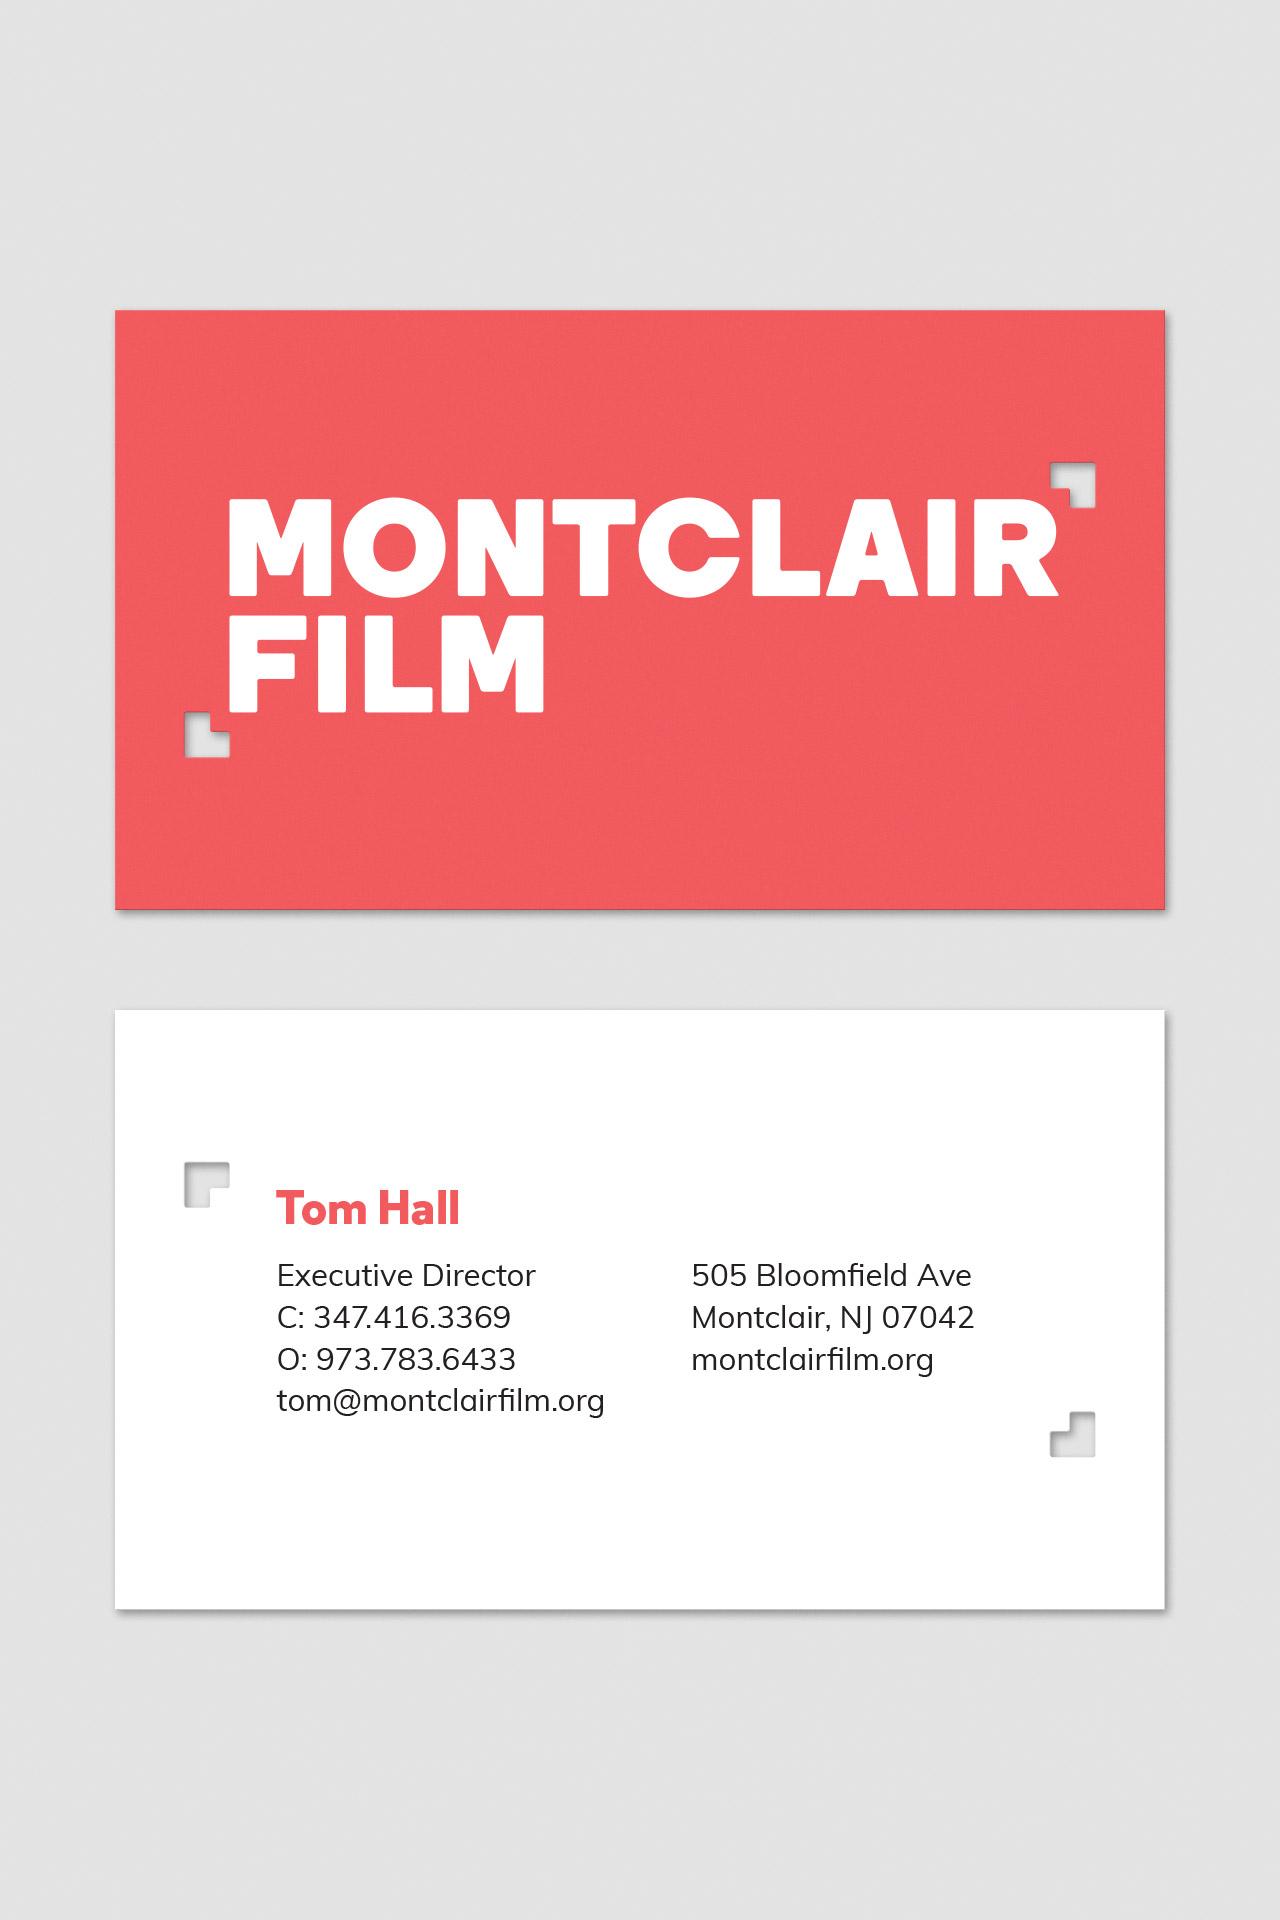 HIERONYMUS_MontclairFilm-Stationery-6